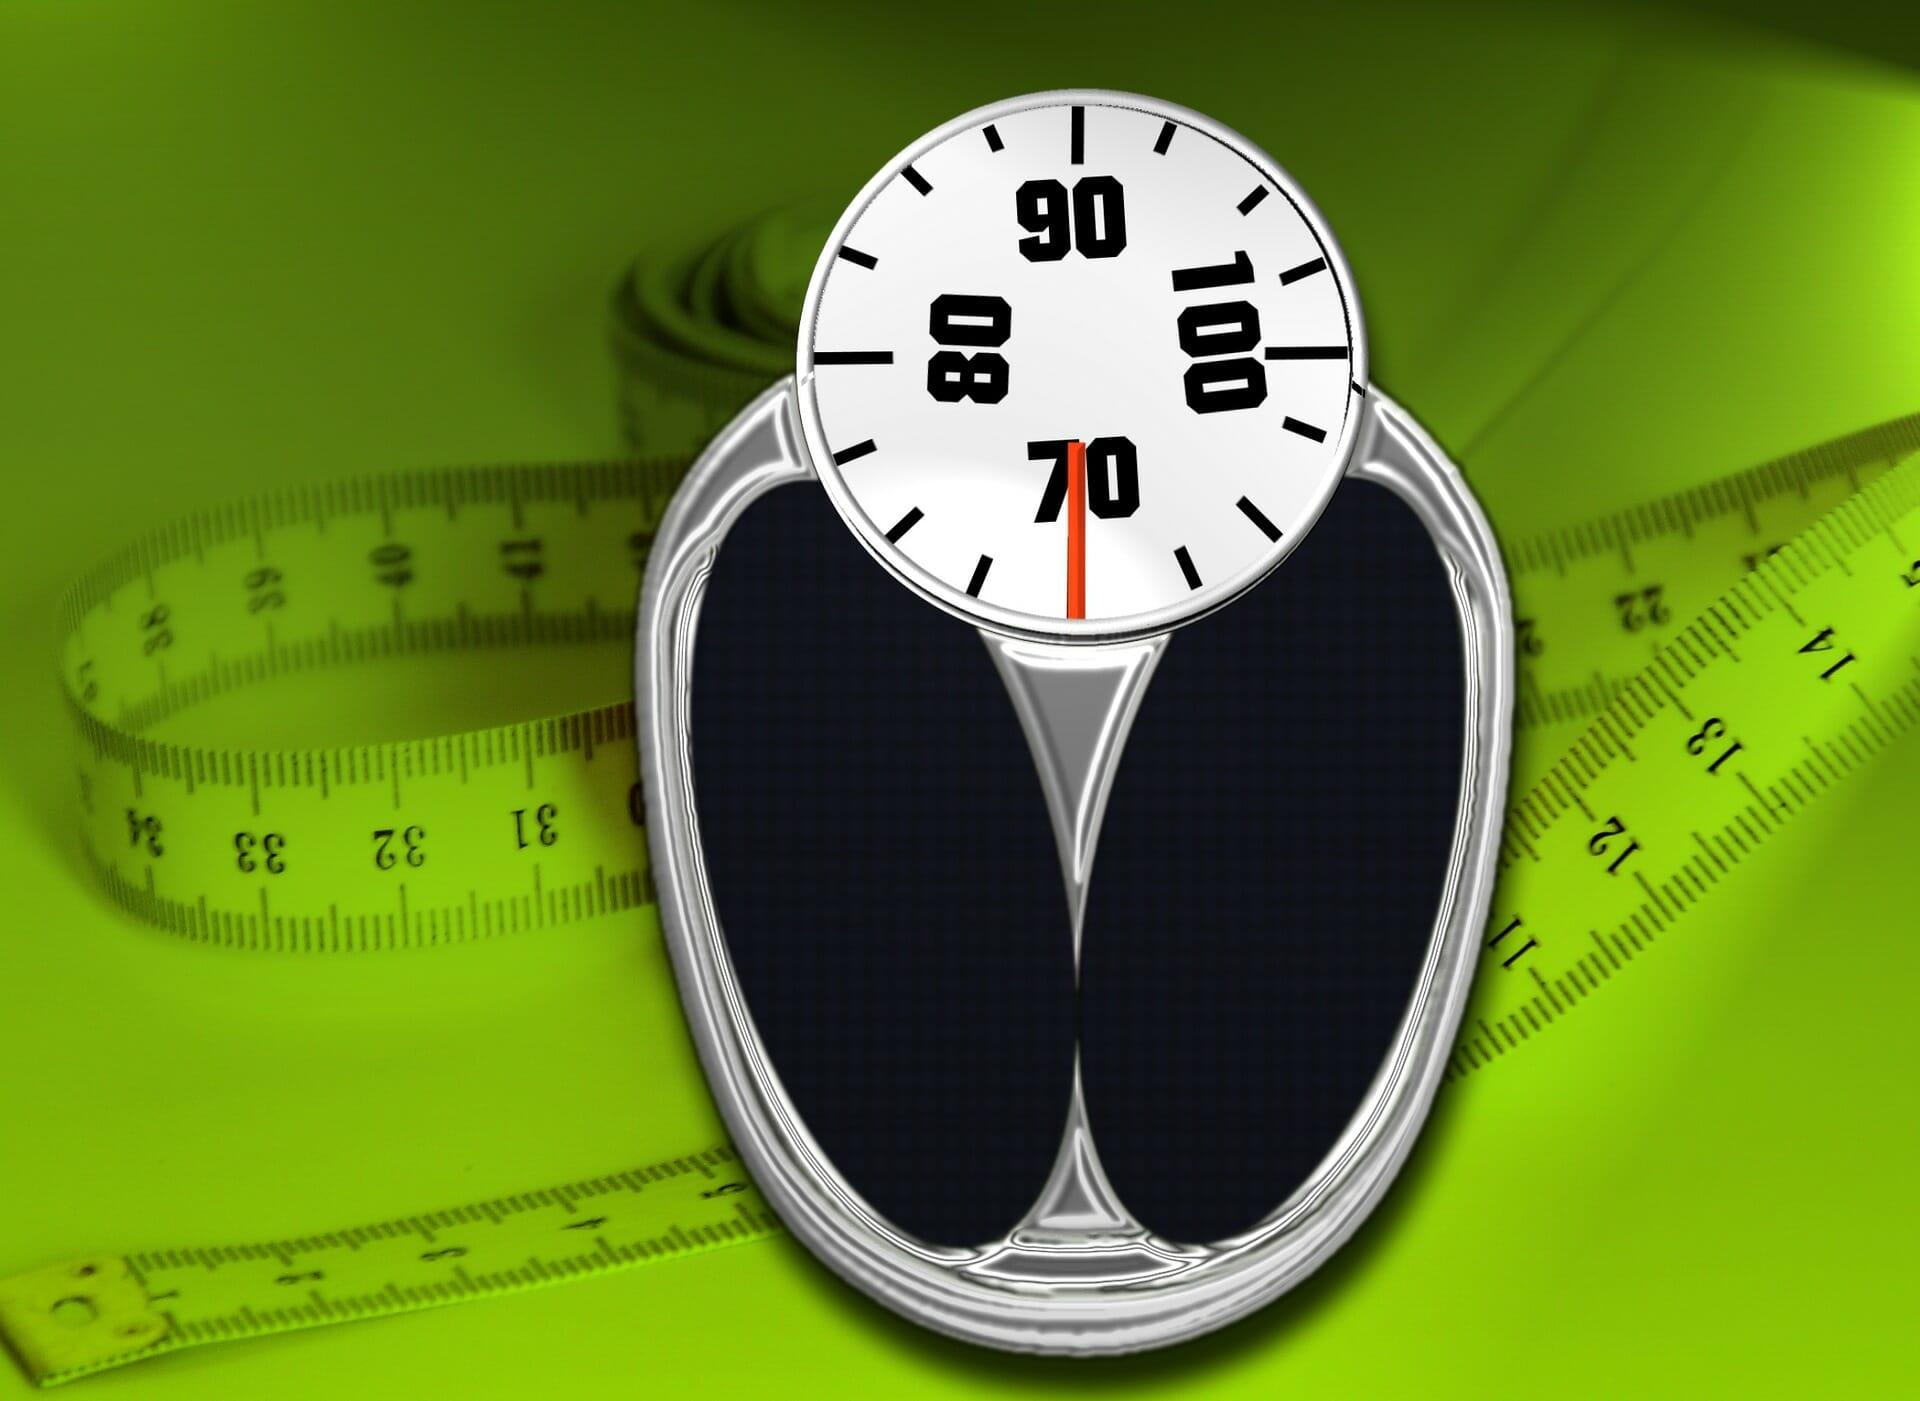 Bilance pesapersone, alleate della salute caratteristiche e come sceglierle